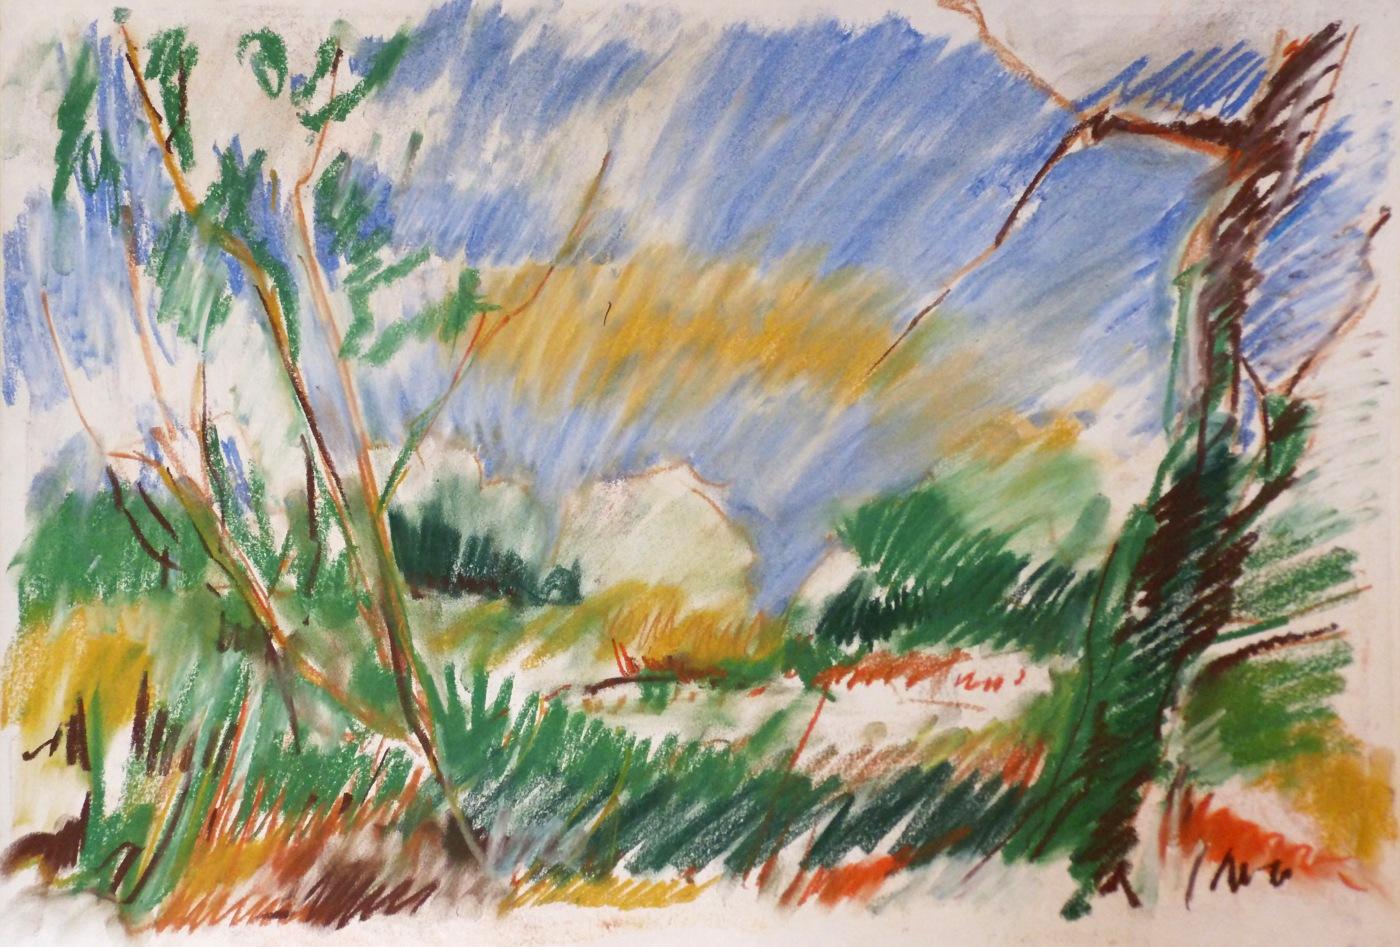 24_1997-08-24_MD_Am alten Schleusenbecken_590x420_Pastell